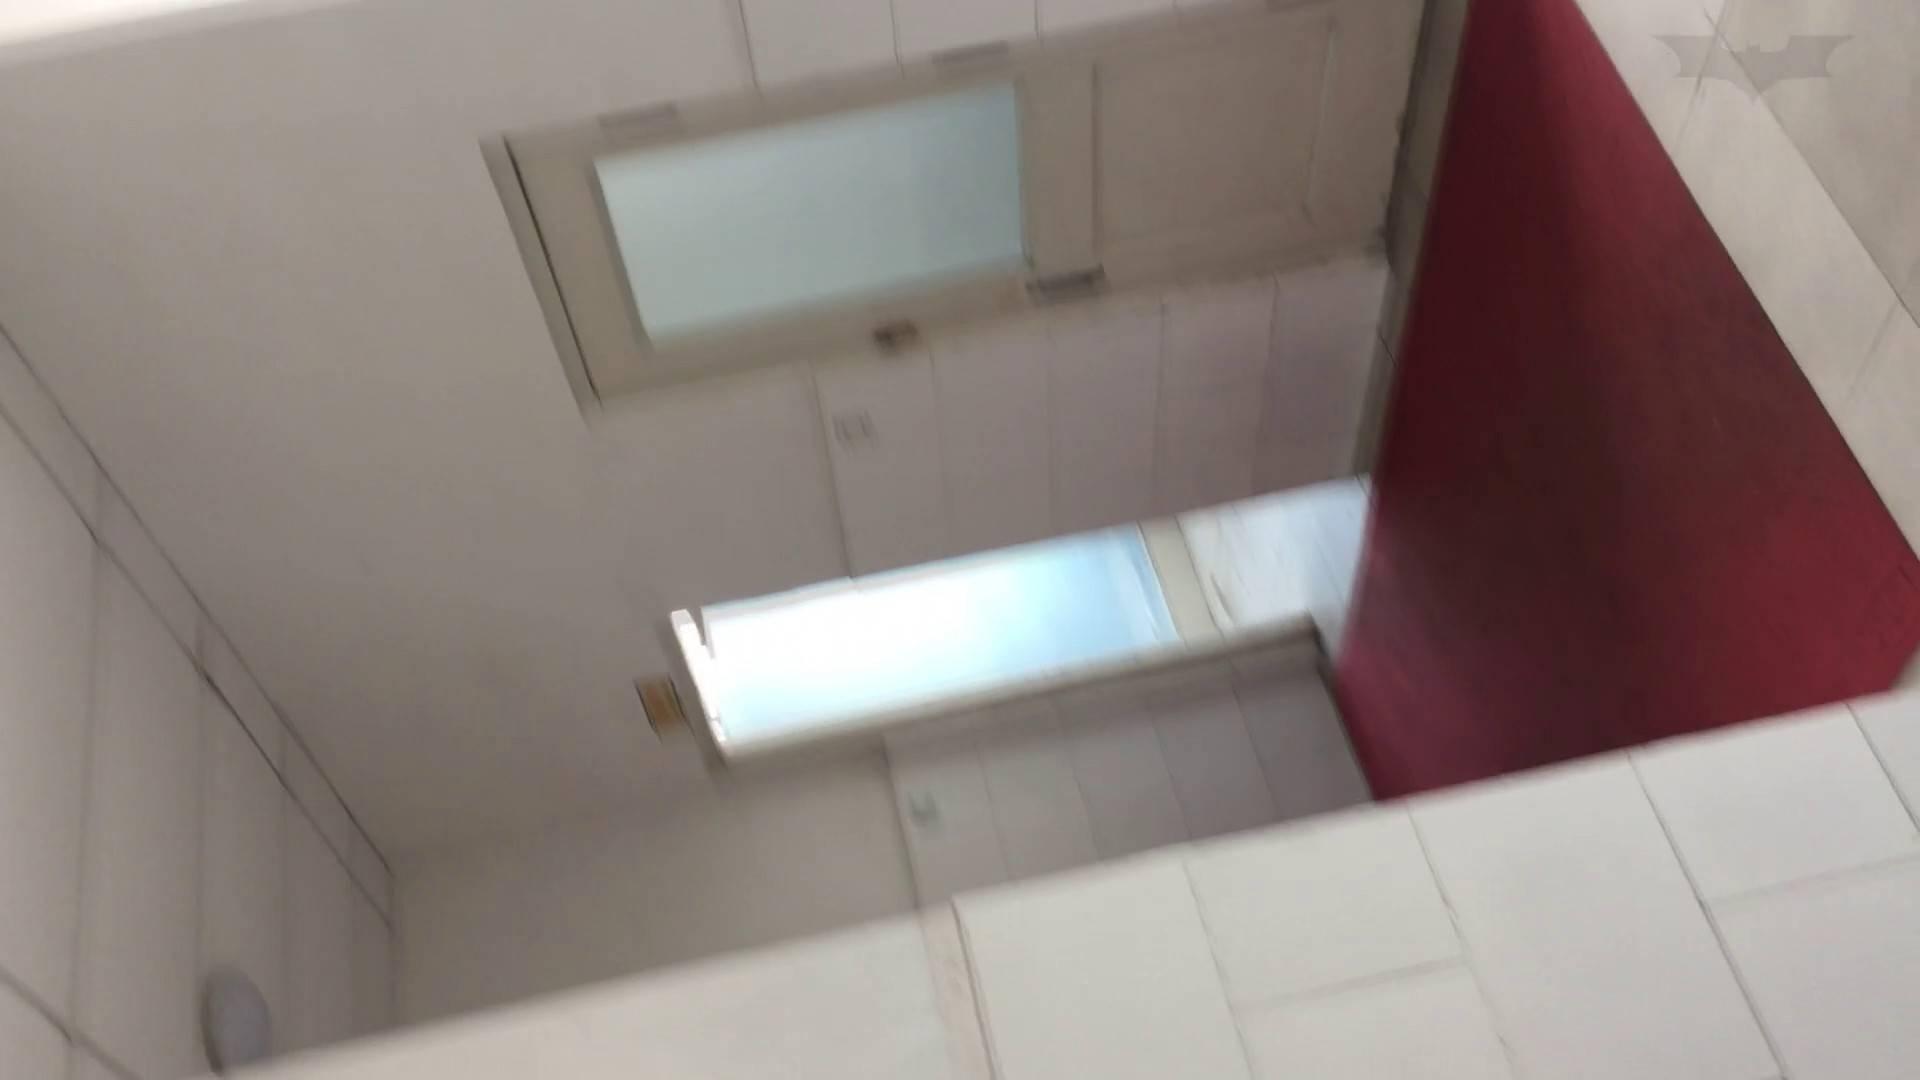 芸術大学ガチ潜入盗撮 JD盗撮 美女の洗面所の秘密 Vol.91 盗撮 | 高画質  97画像 33